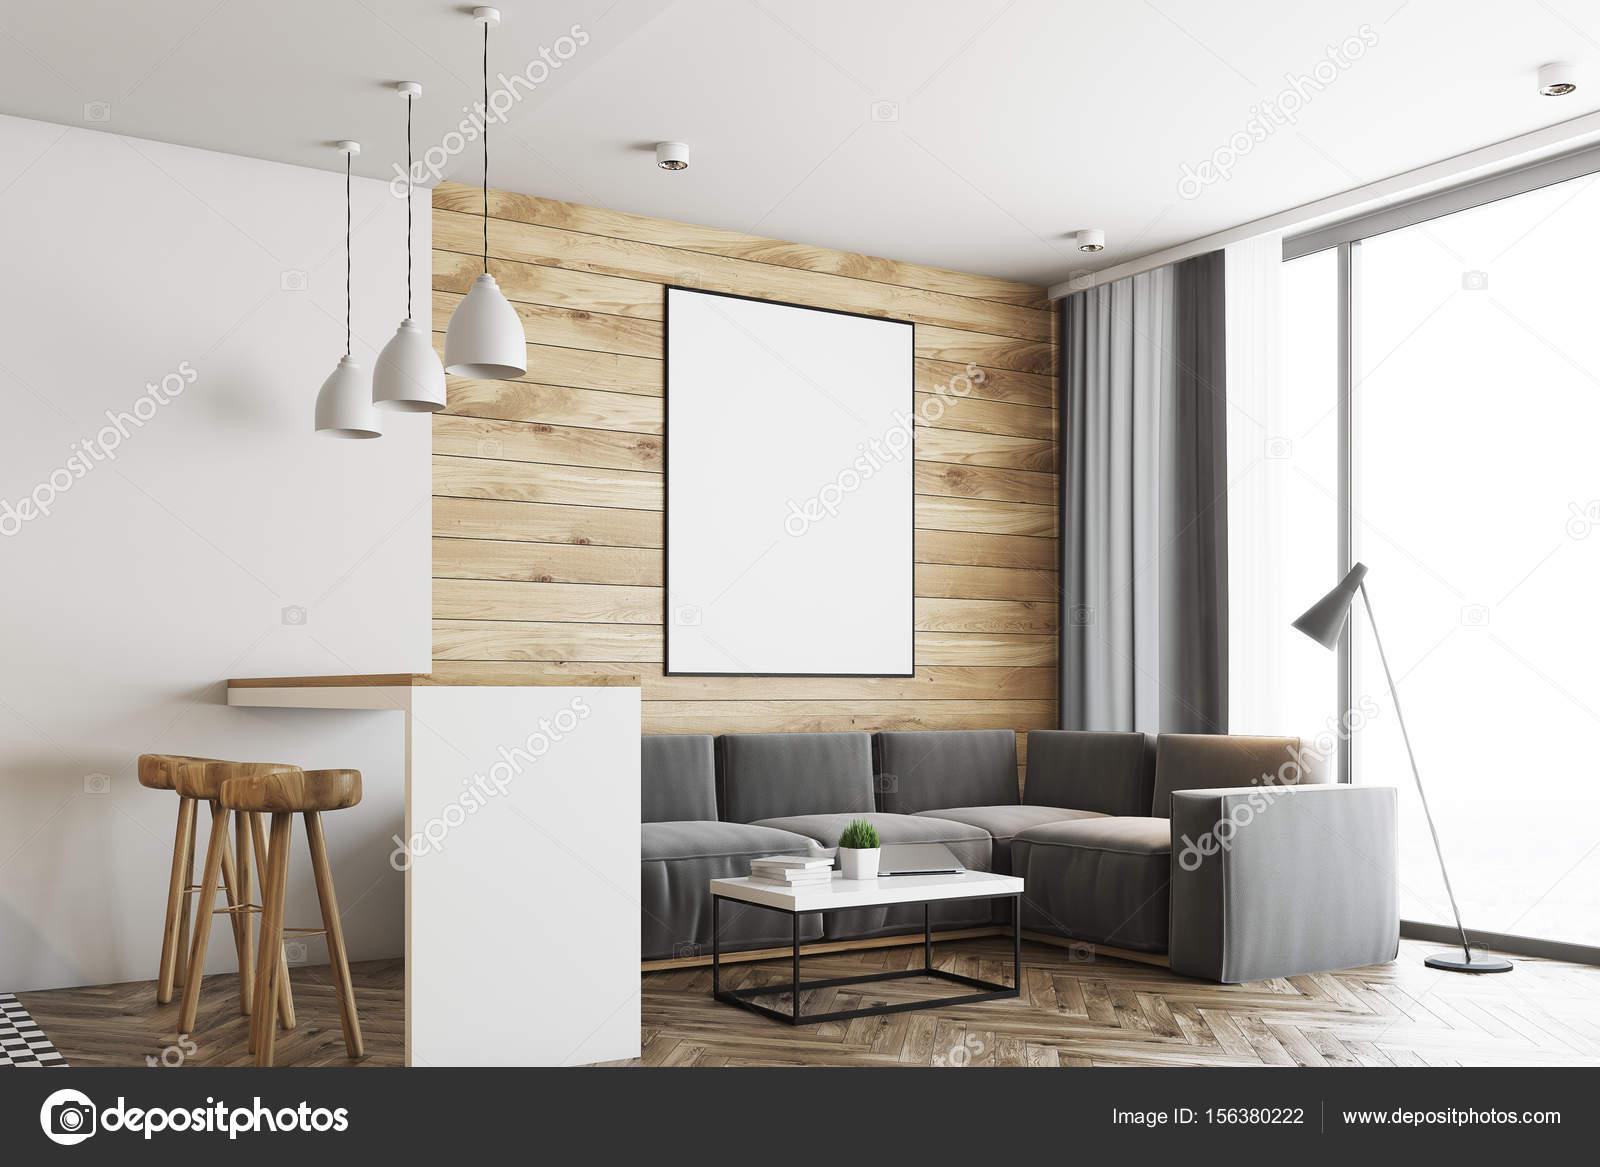 Hout In Woonkamer : Woonkamer met hout in orde gemaakte vensters stock foto